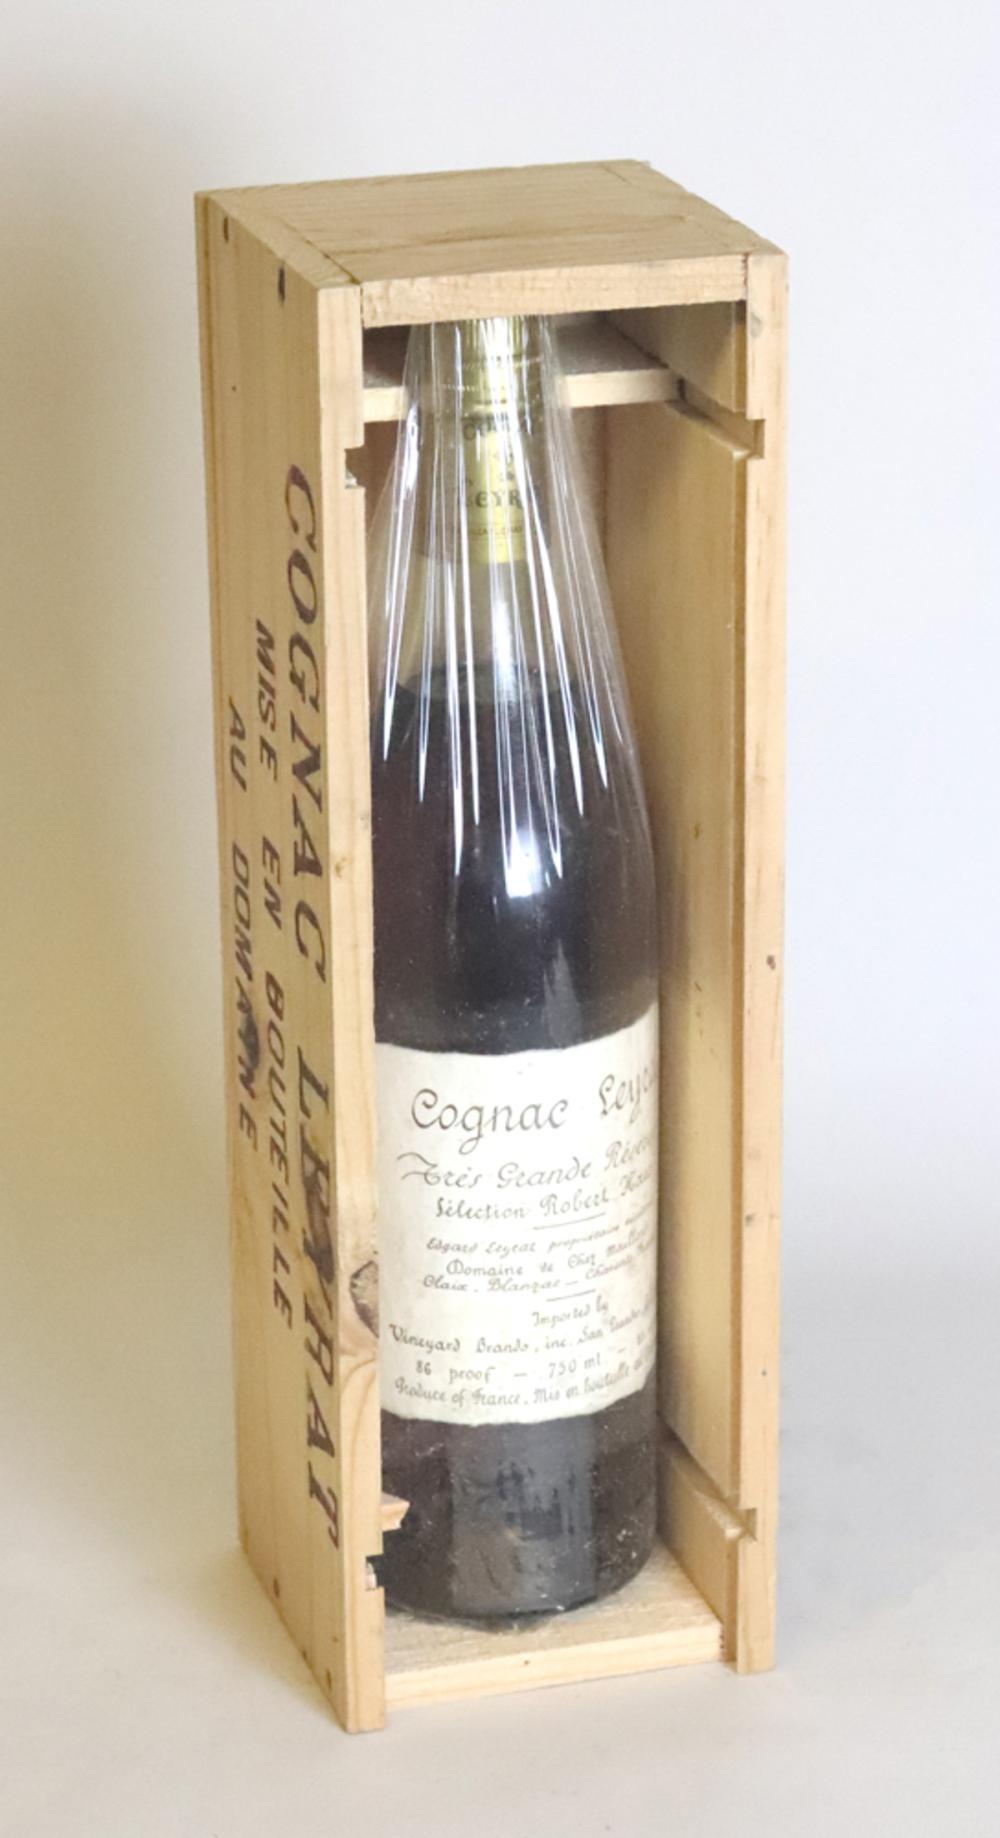 Cognac Leyrat Tres Grande Reserve, Robert Haas